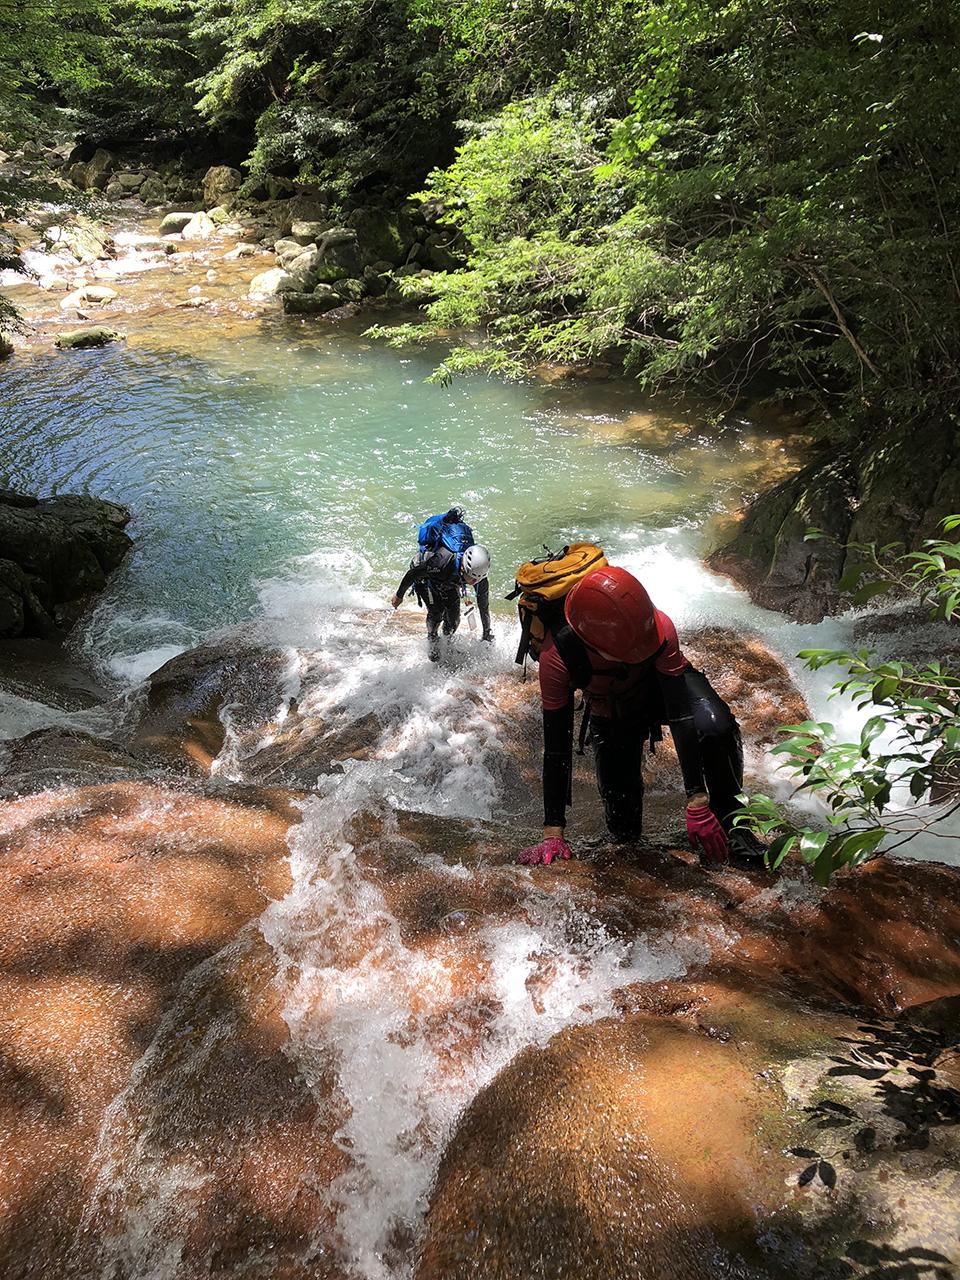 霧島小谷川を遡上する鹿児島登山サークルの画像。霧島に沢登り初級の沢は、石氷川, 霧島川, 小谷川の3本。そして中級レベルの沢、石坂川。練習を重ねて石坂川突破を目指します。